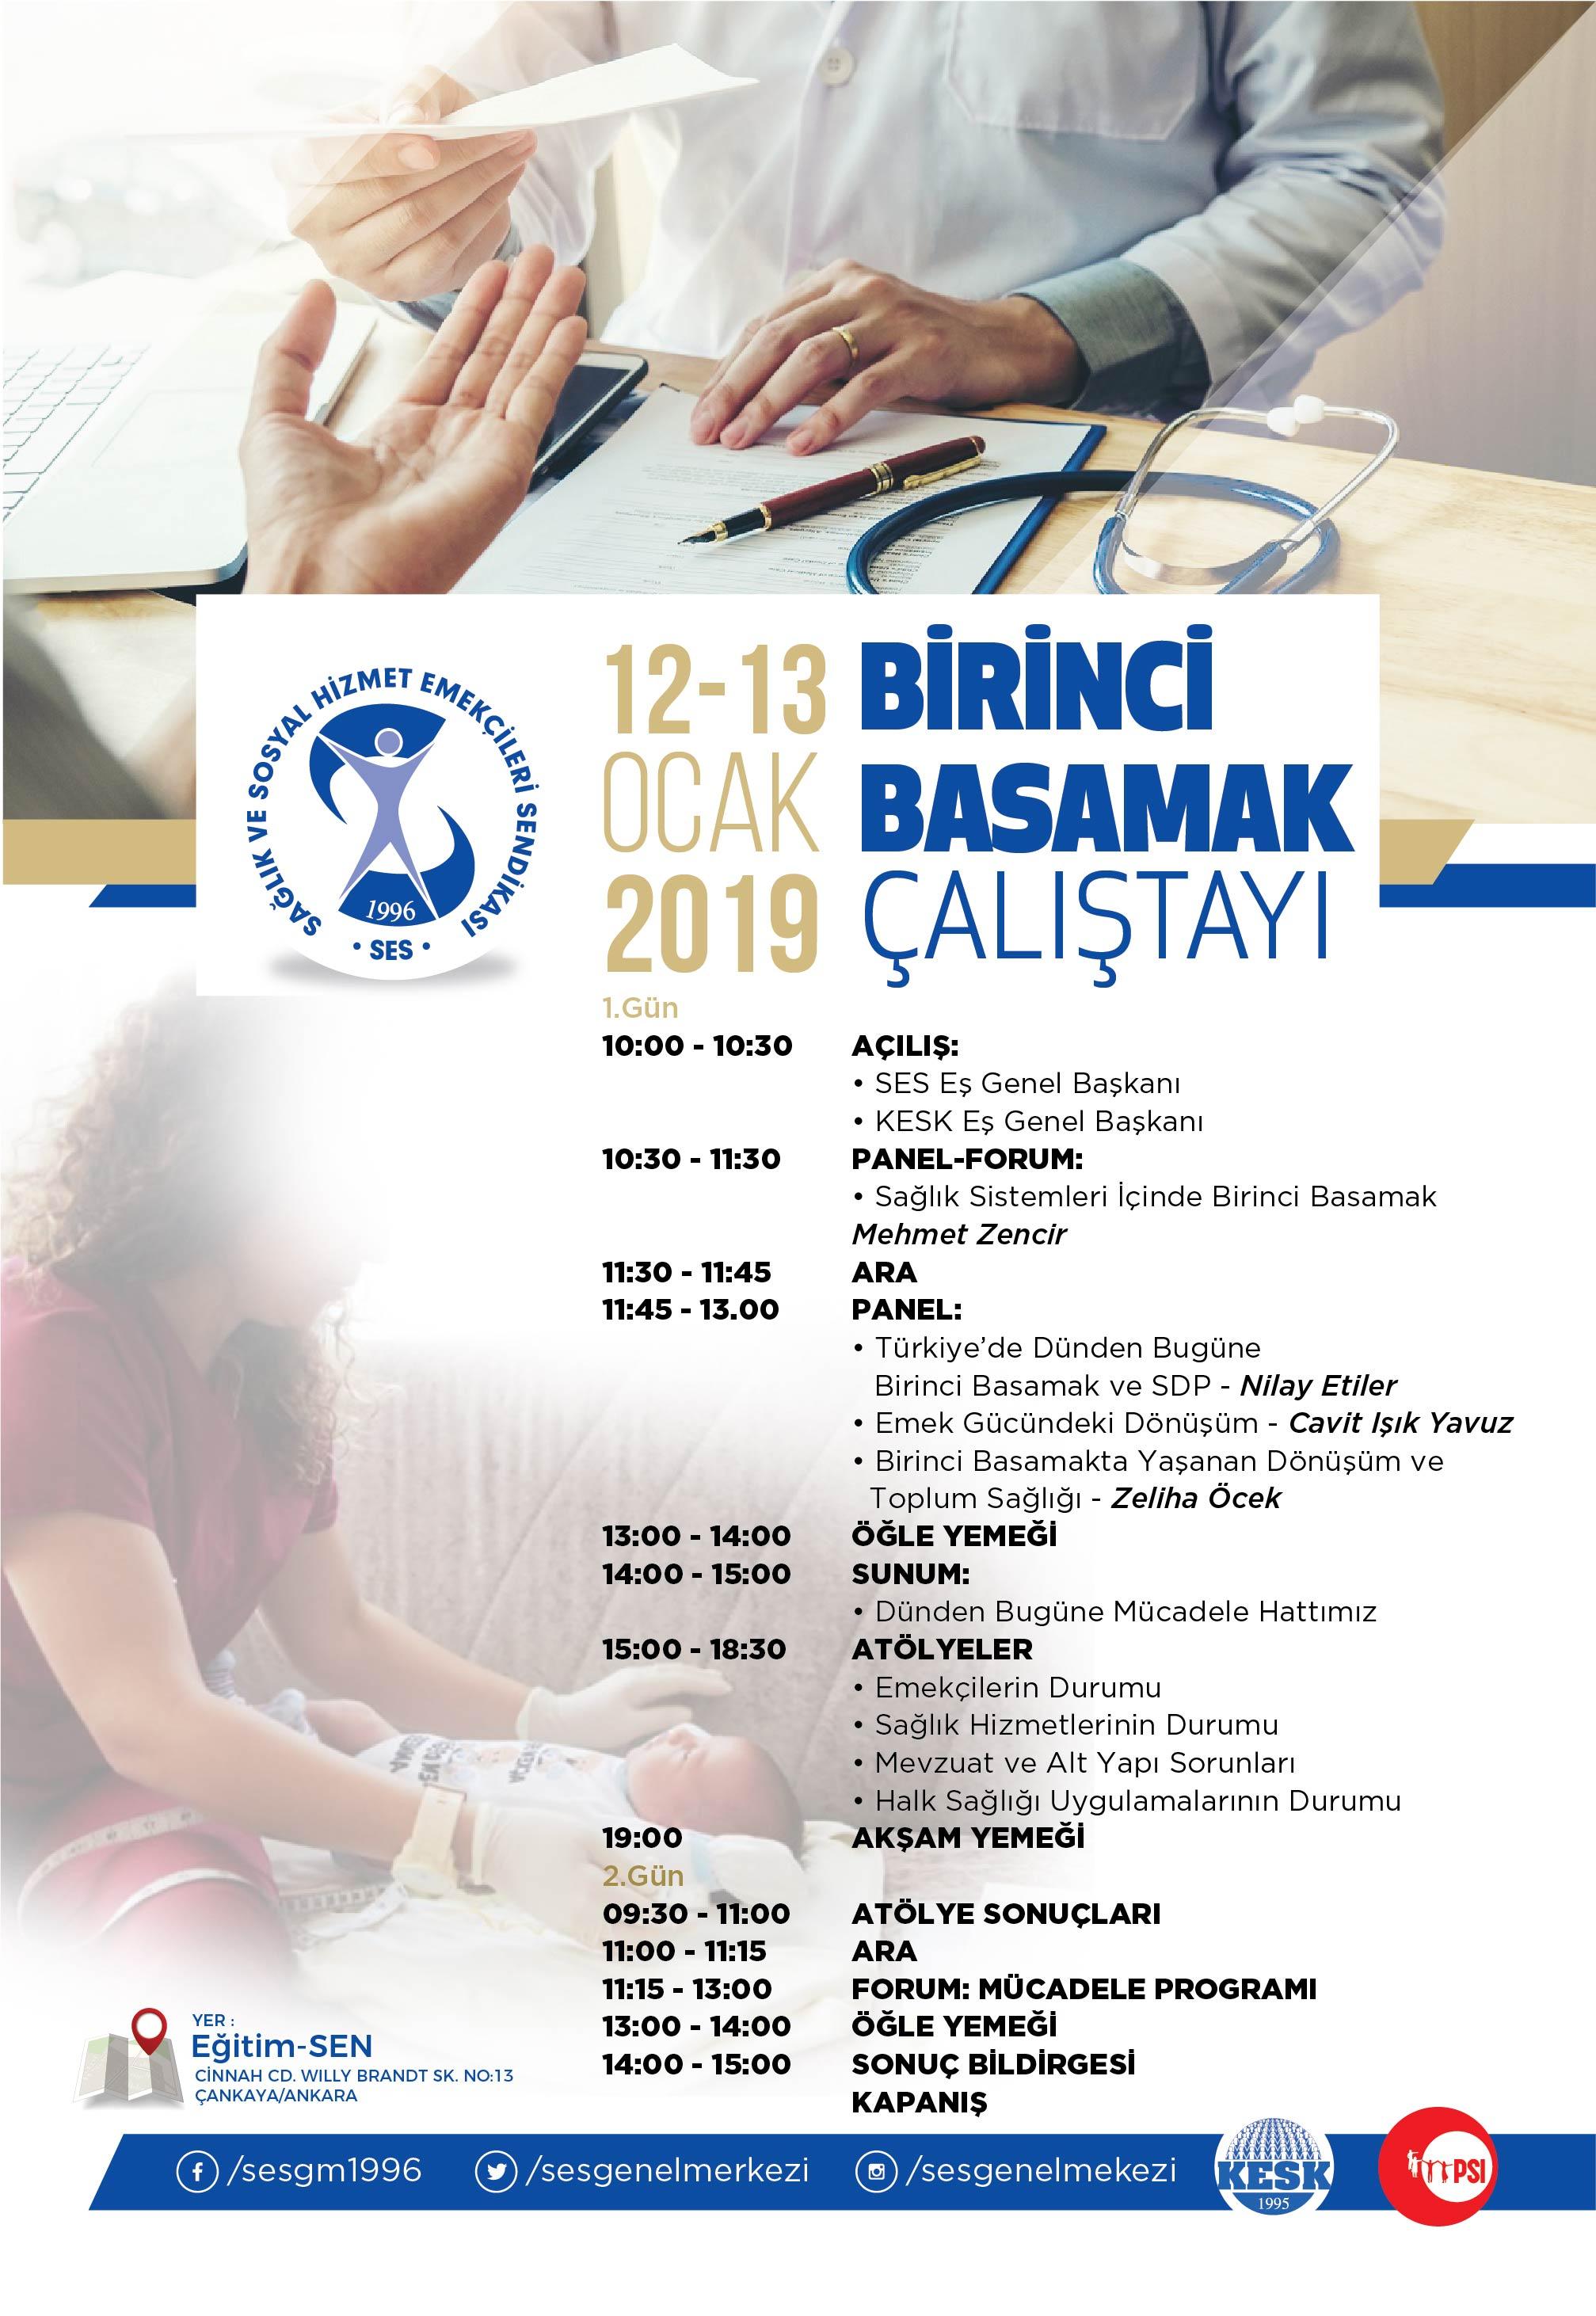 Birinci Basamak Çalıştayımız 12-13 Ocak 2019'da Yapılacak